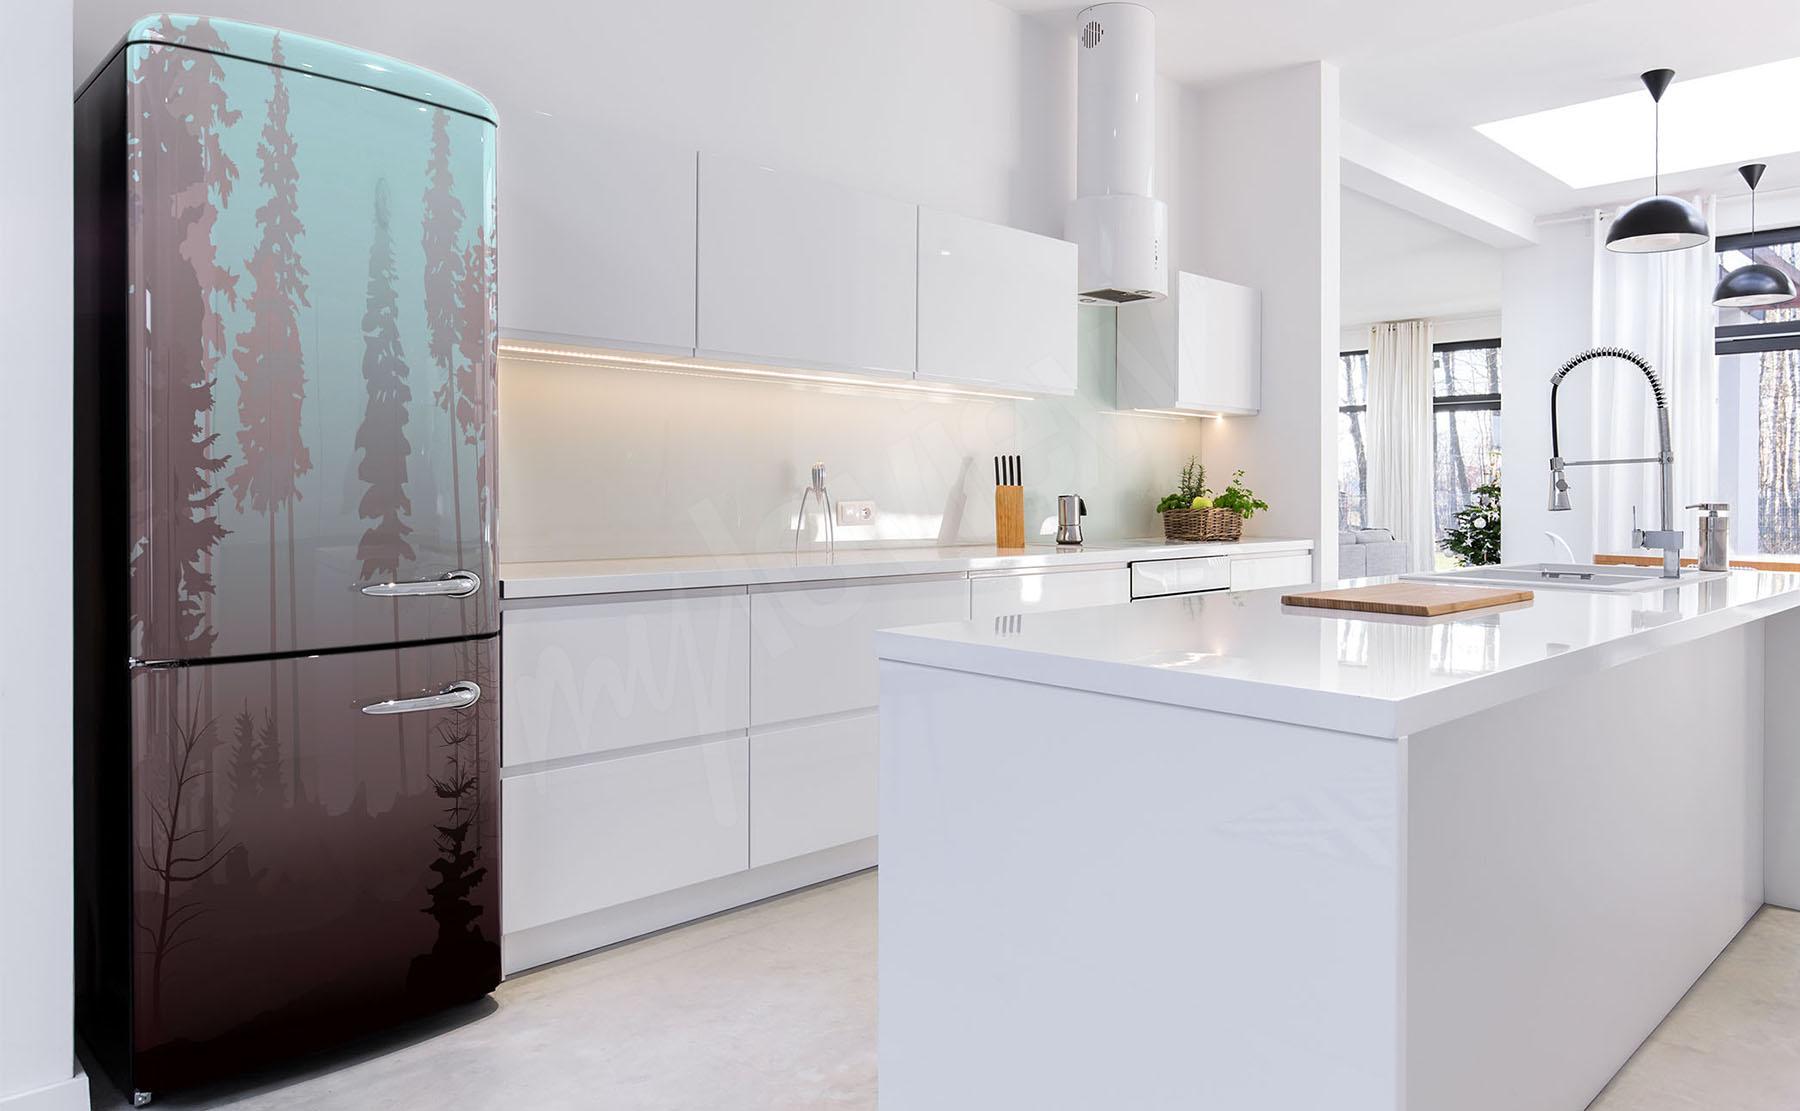 Kühlschrank Bekleben Retro : Sticker nach kategorie für den kühlschrank u2022 notebook sticker